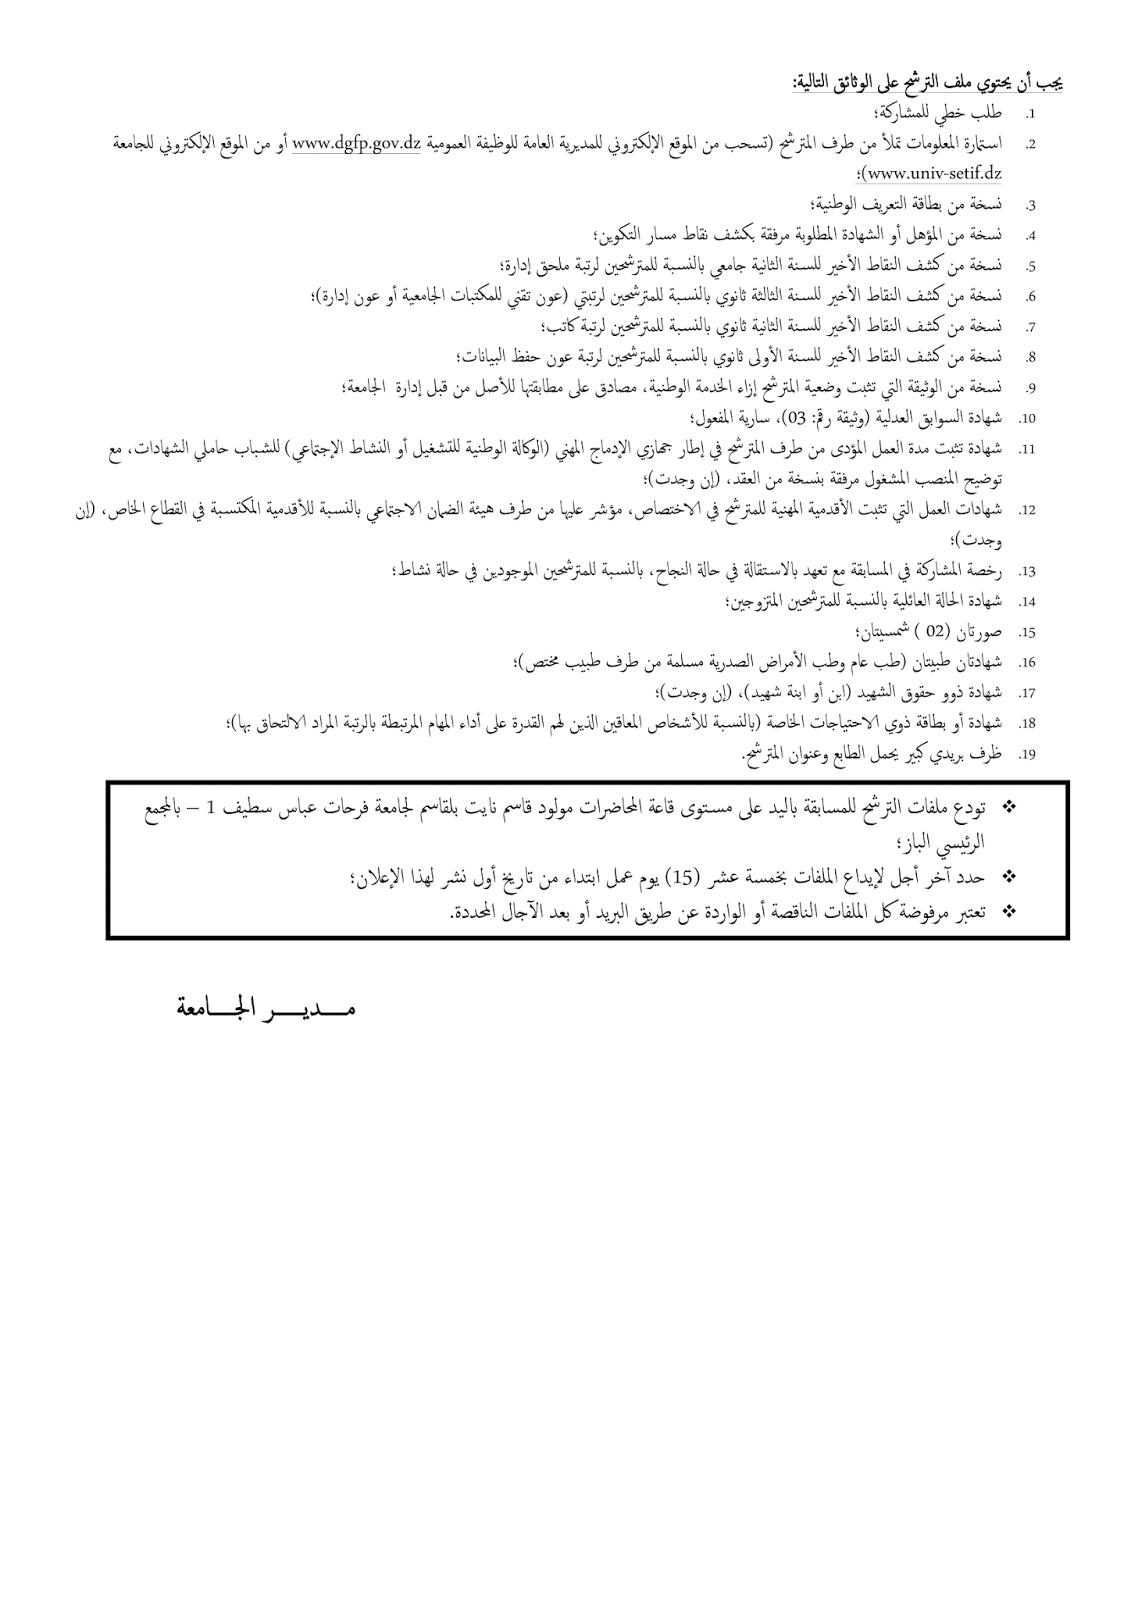 توظيف إداريين و عمال مهنيين بجامعة فرحات عباس سطيف